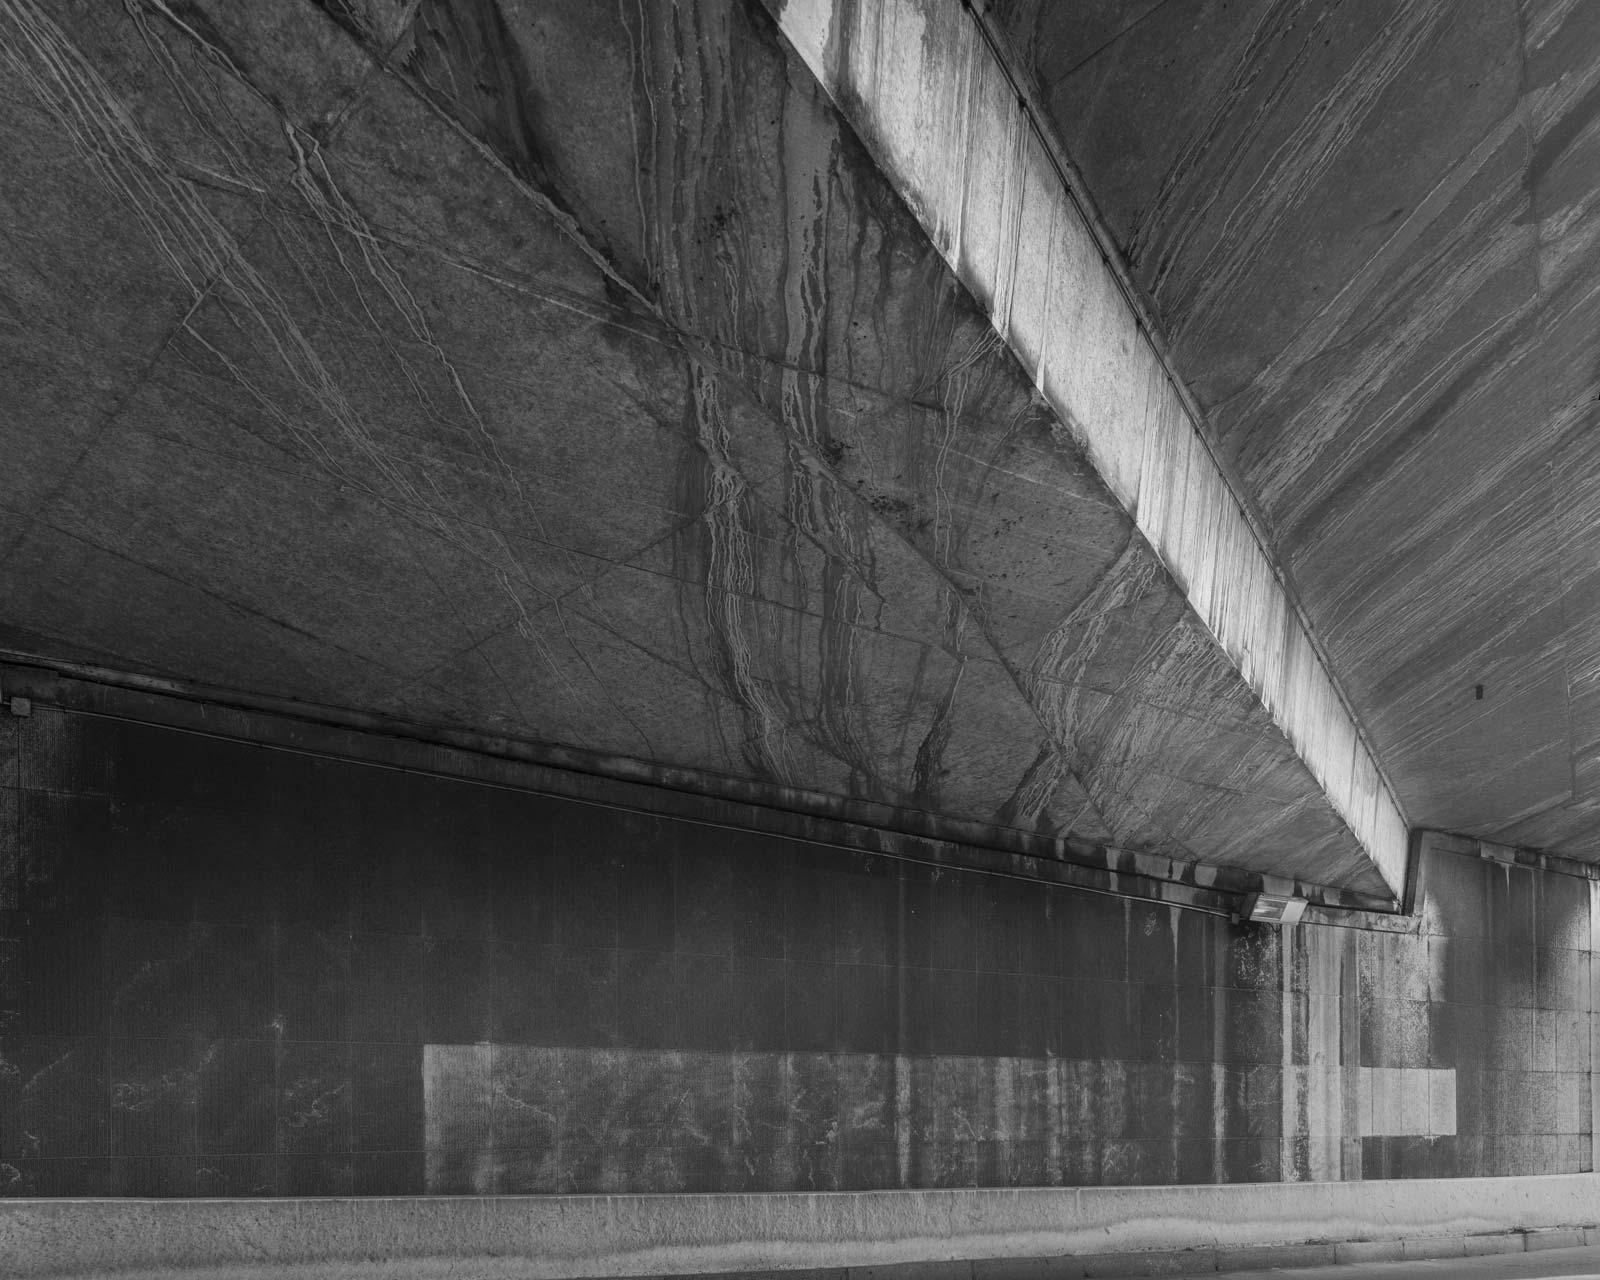 typologie-du-beton_03_ludovic-maillard